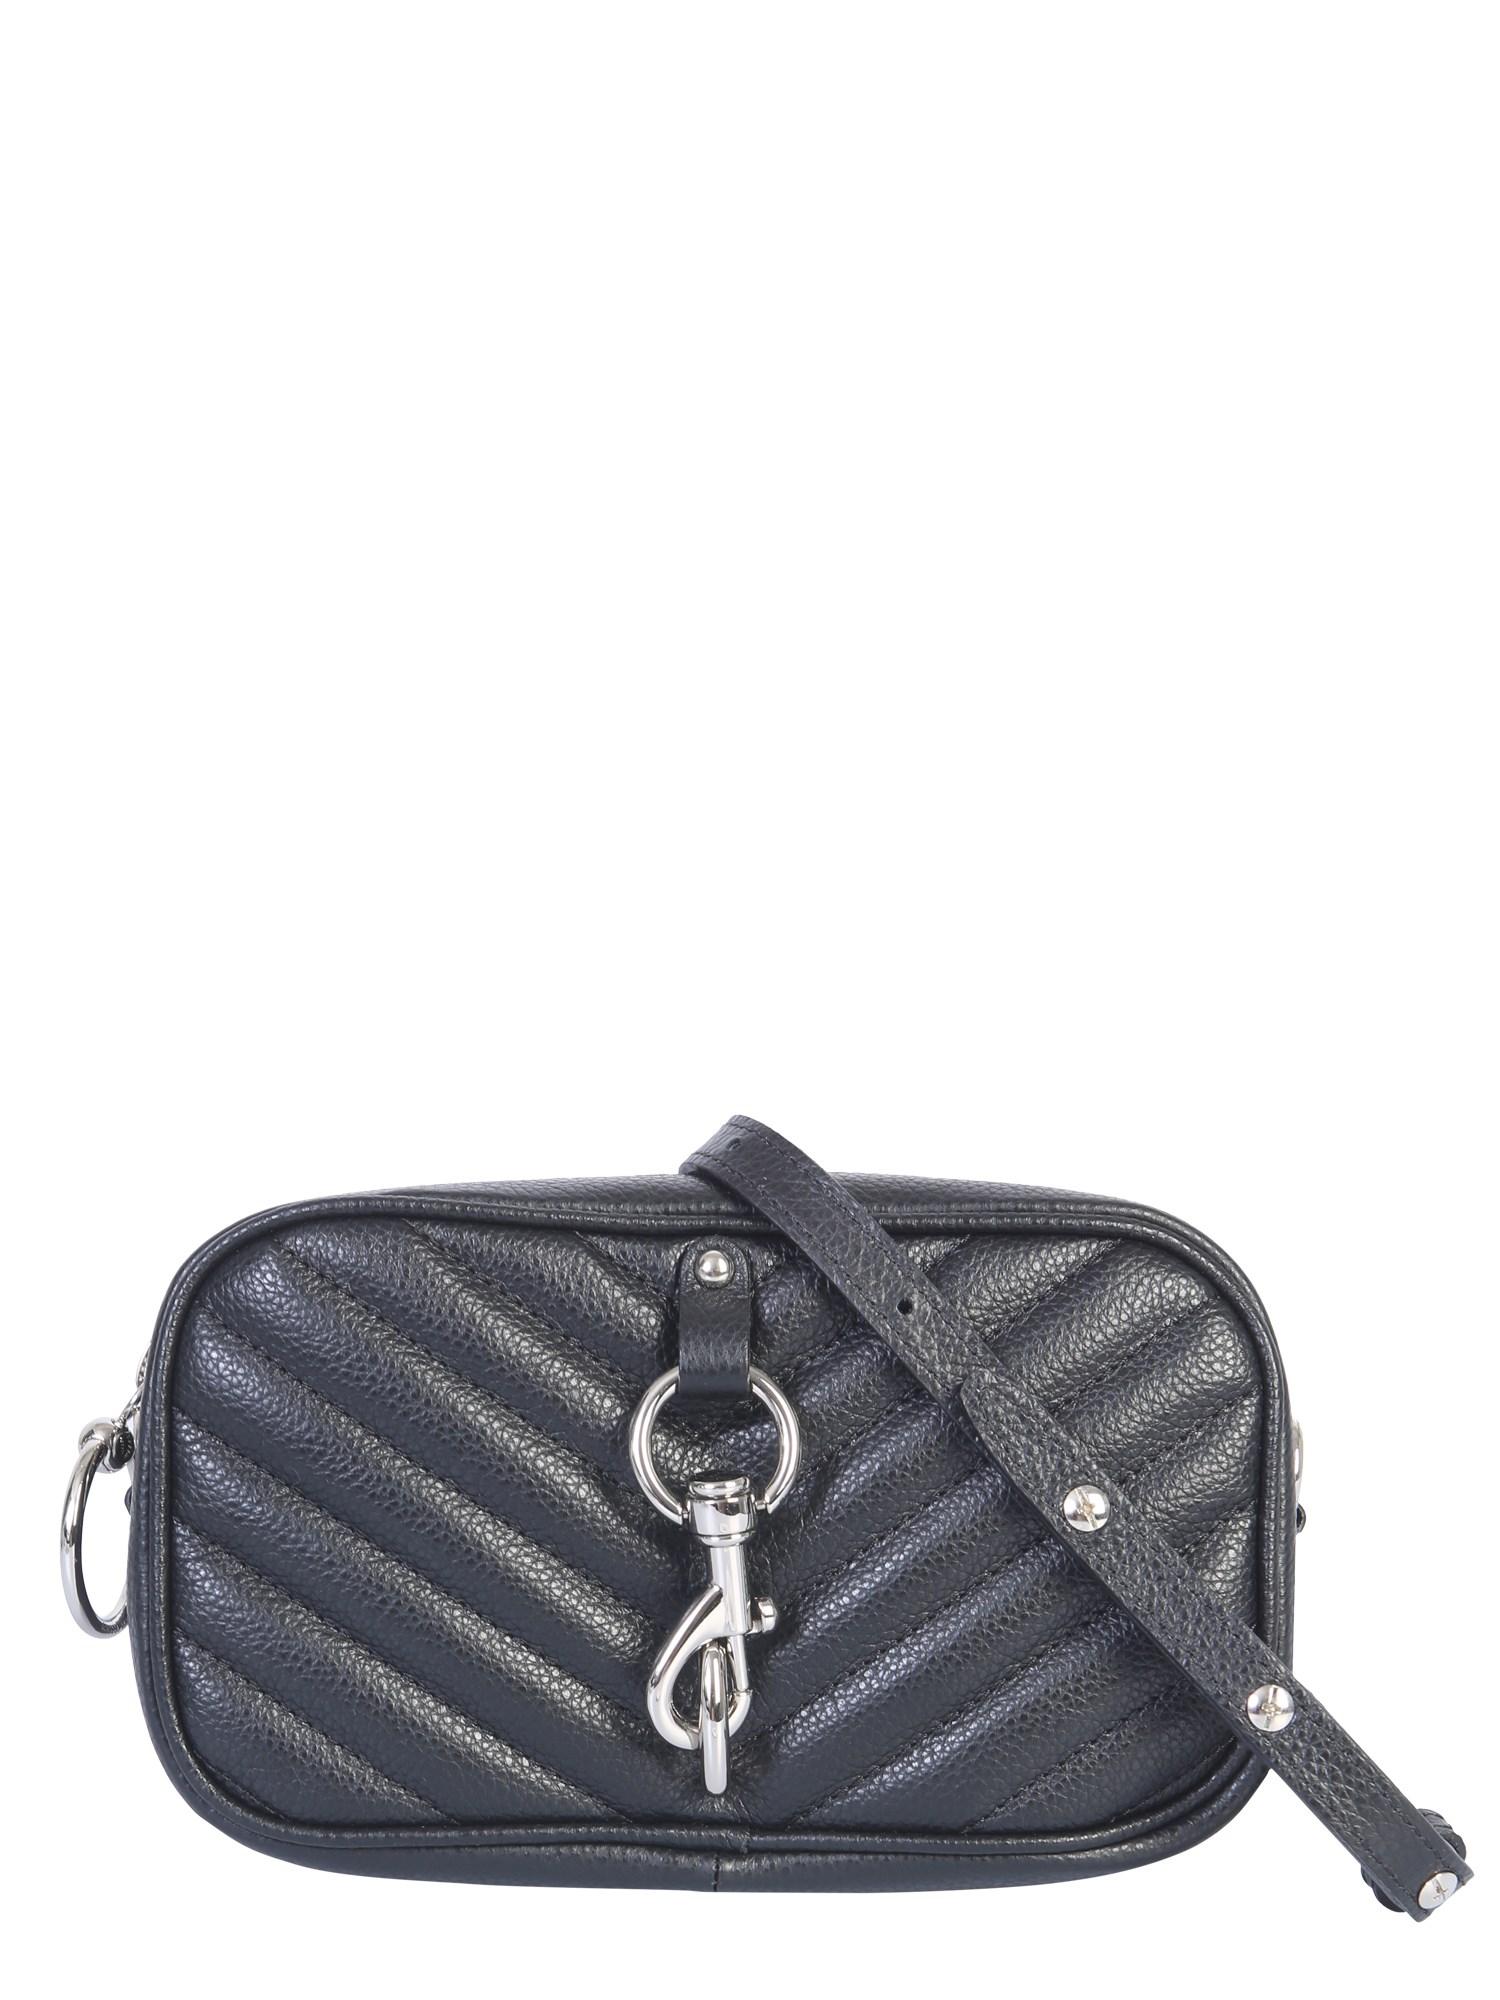 Rebecca Minkoff Belts CAMERA POUCH BAG